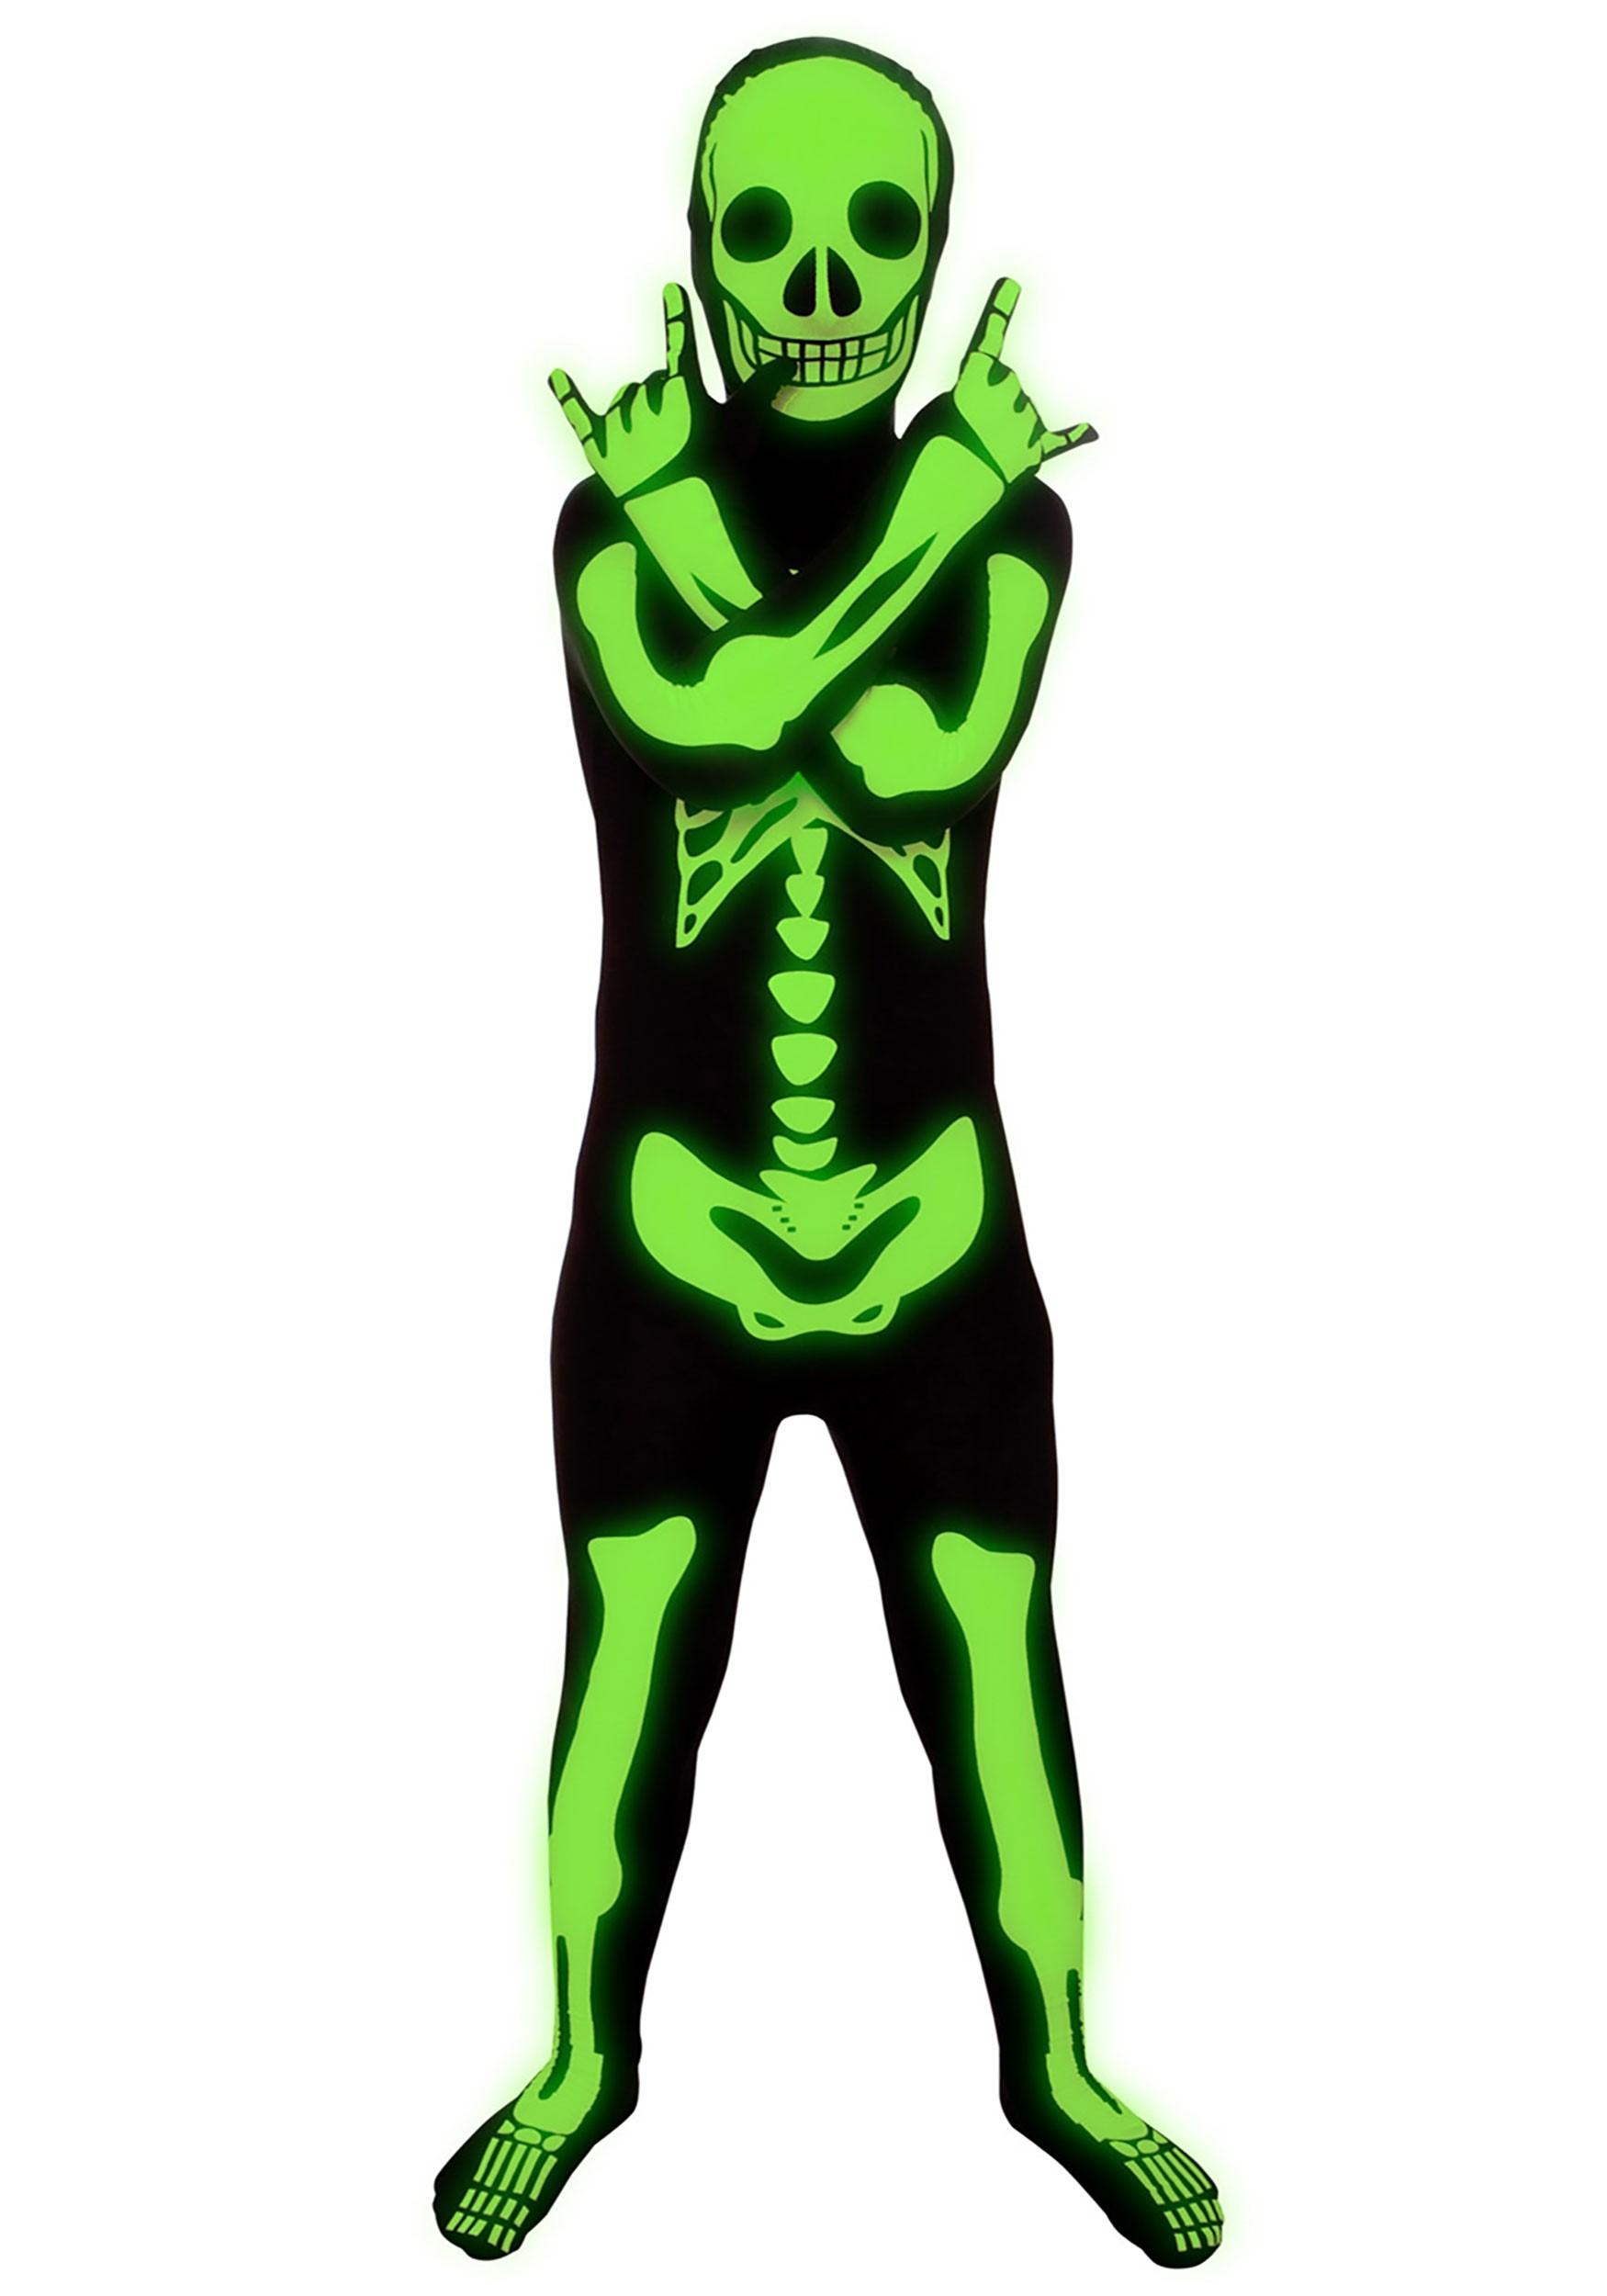 Glow in the Dark Skeleton Costume for Kids